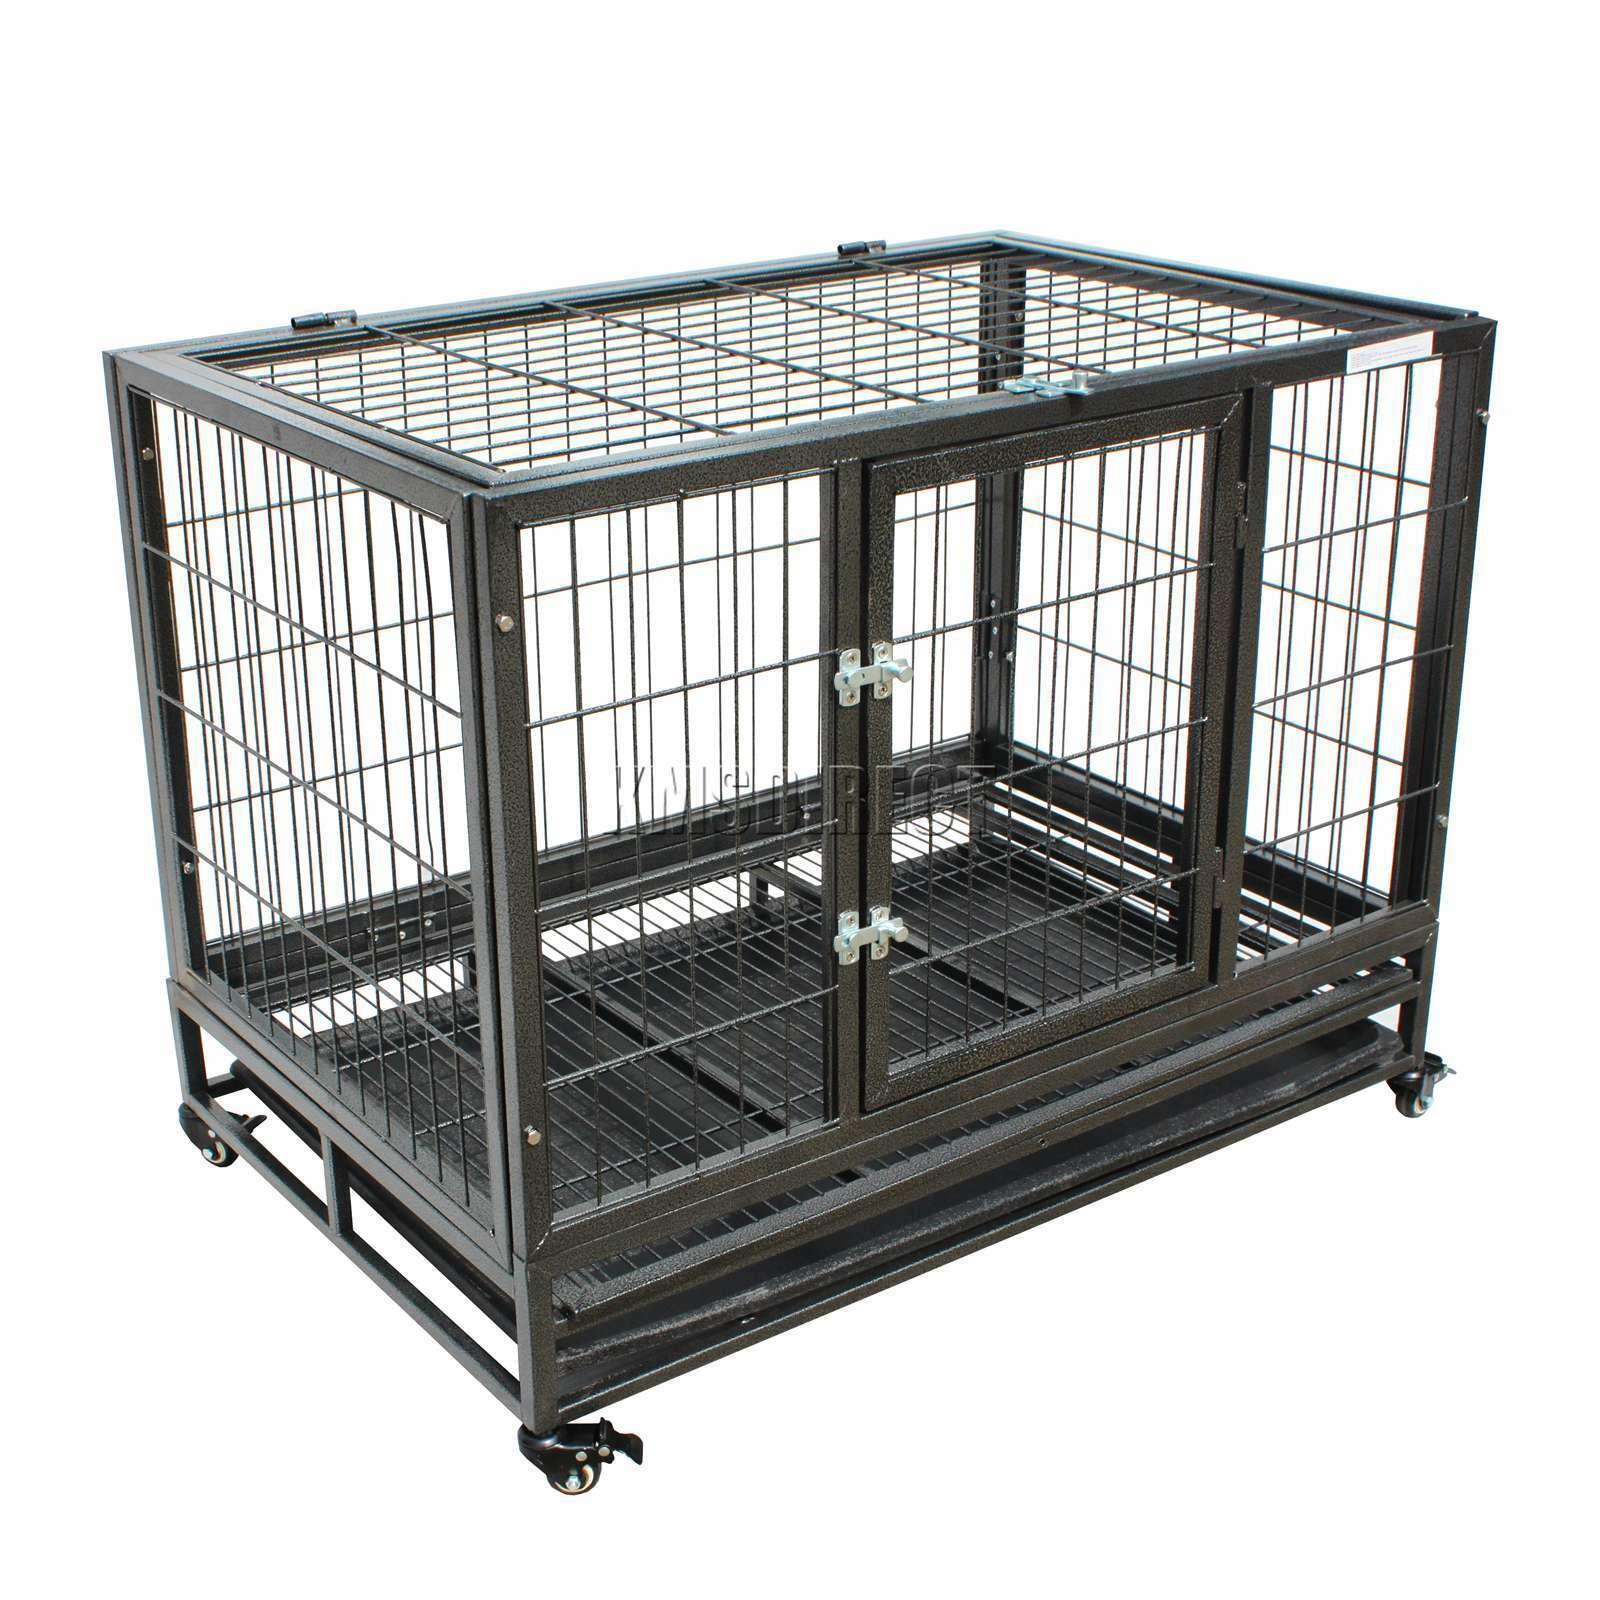 RIPARO Heavy Duty Pet Dog Puppy formazione Cage gabbia recinto in metallo con ruote